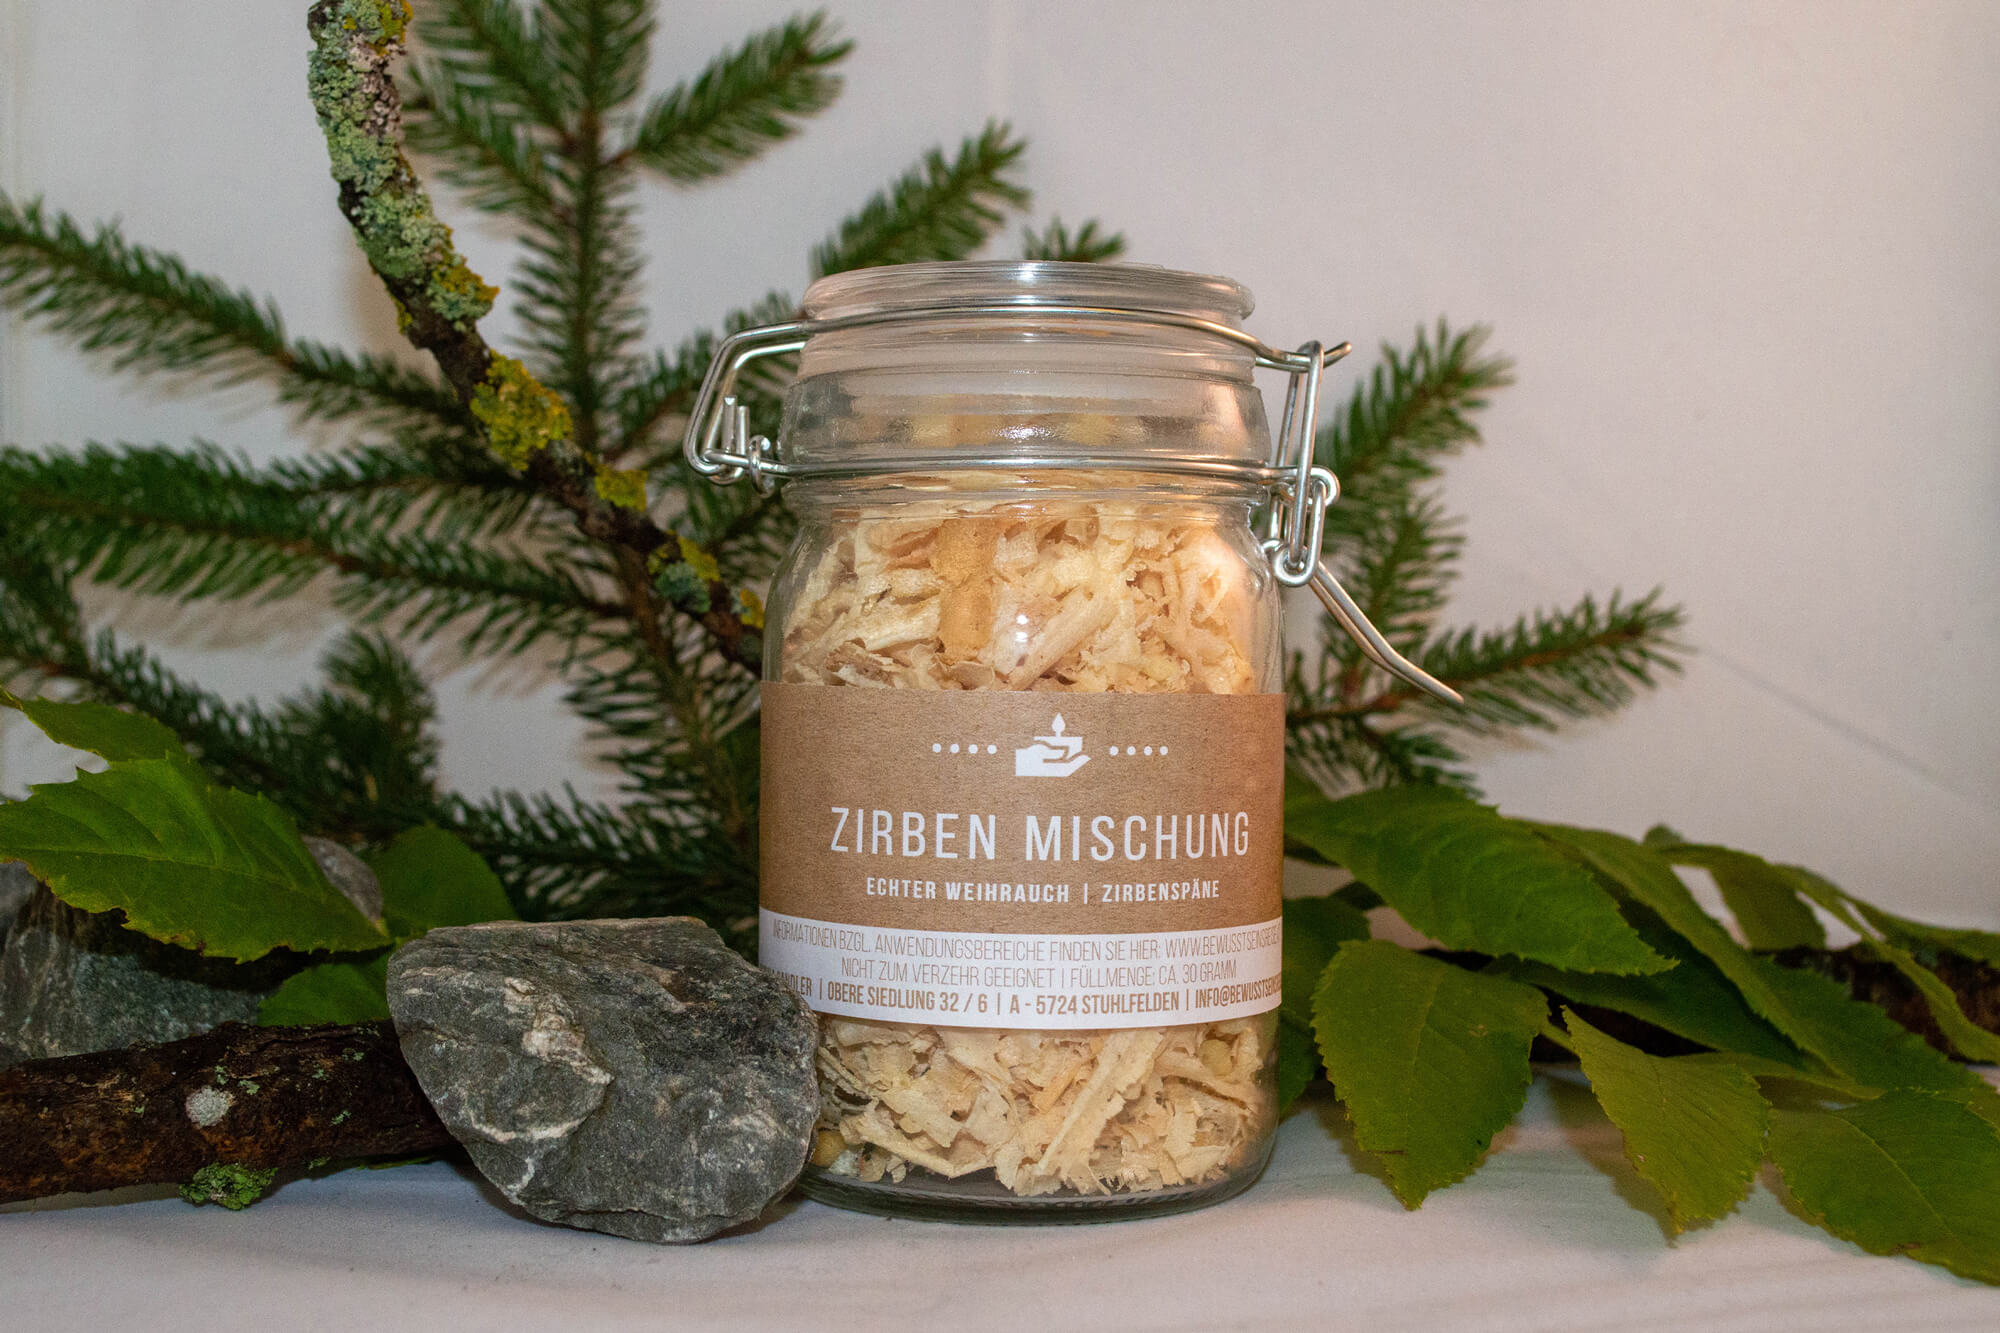 zirben-mischung-1